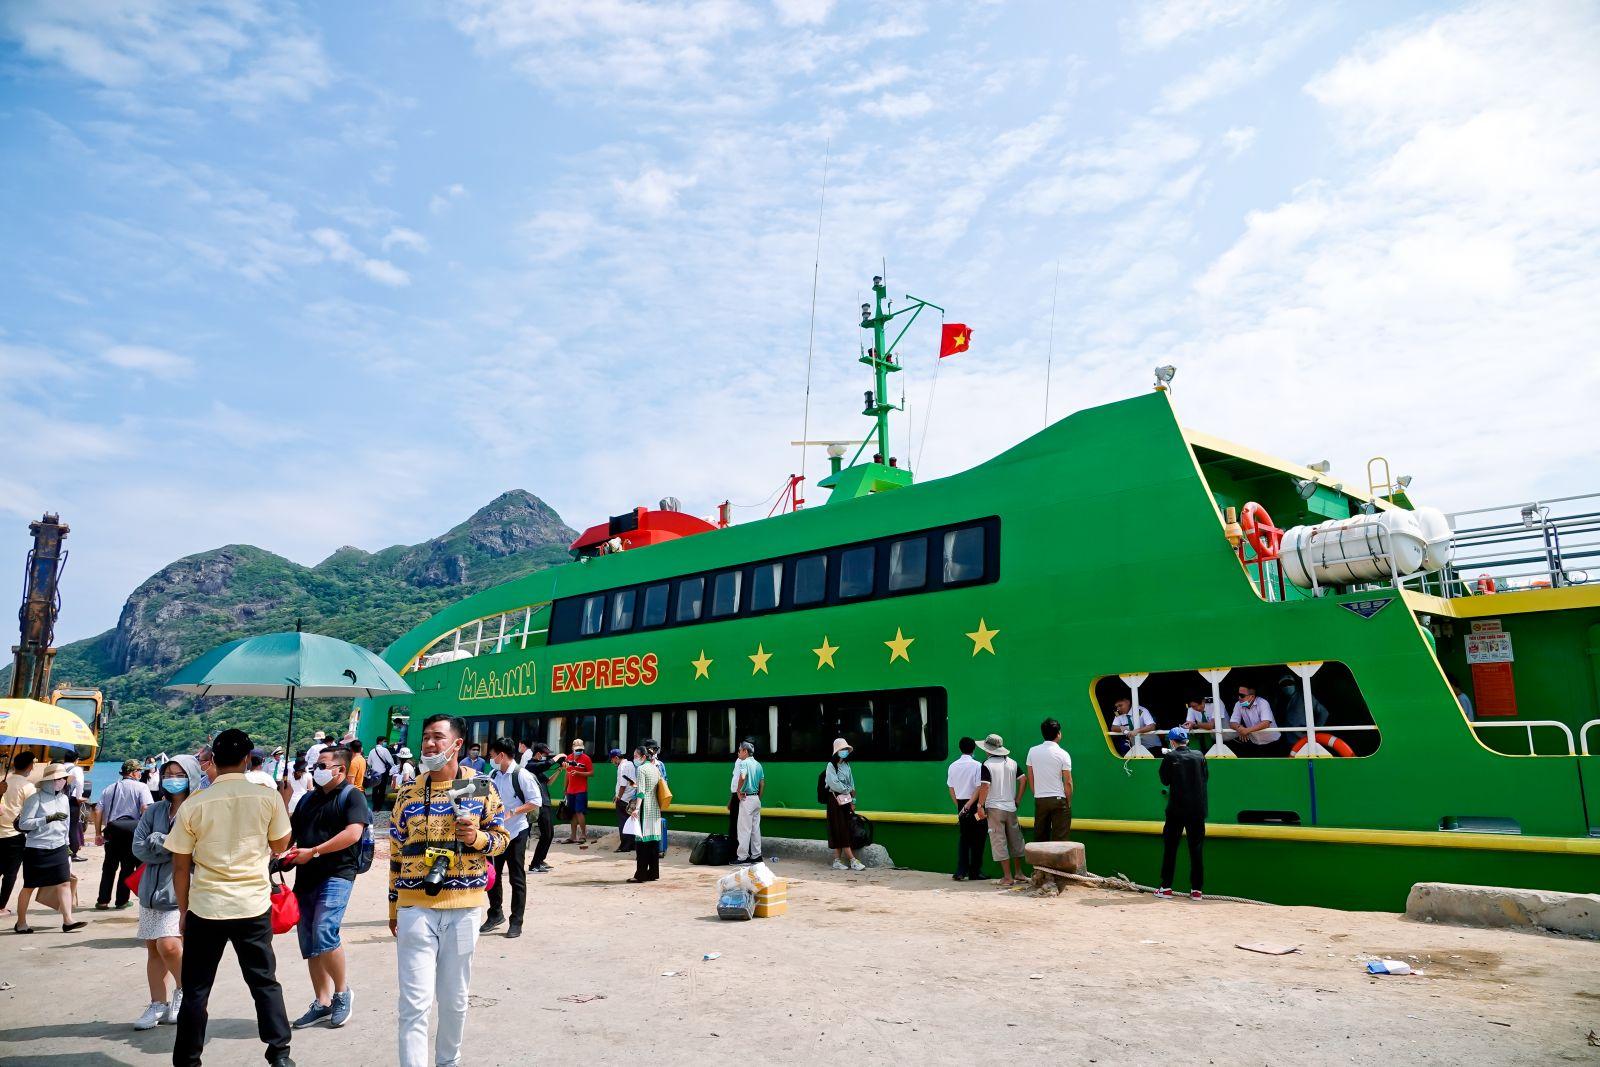 Trải nghiệm trên tàu cao tốc 5 sao Mai Linh Express